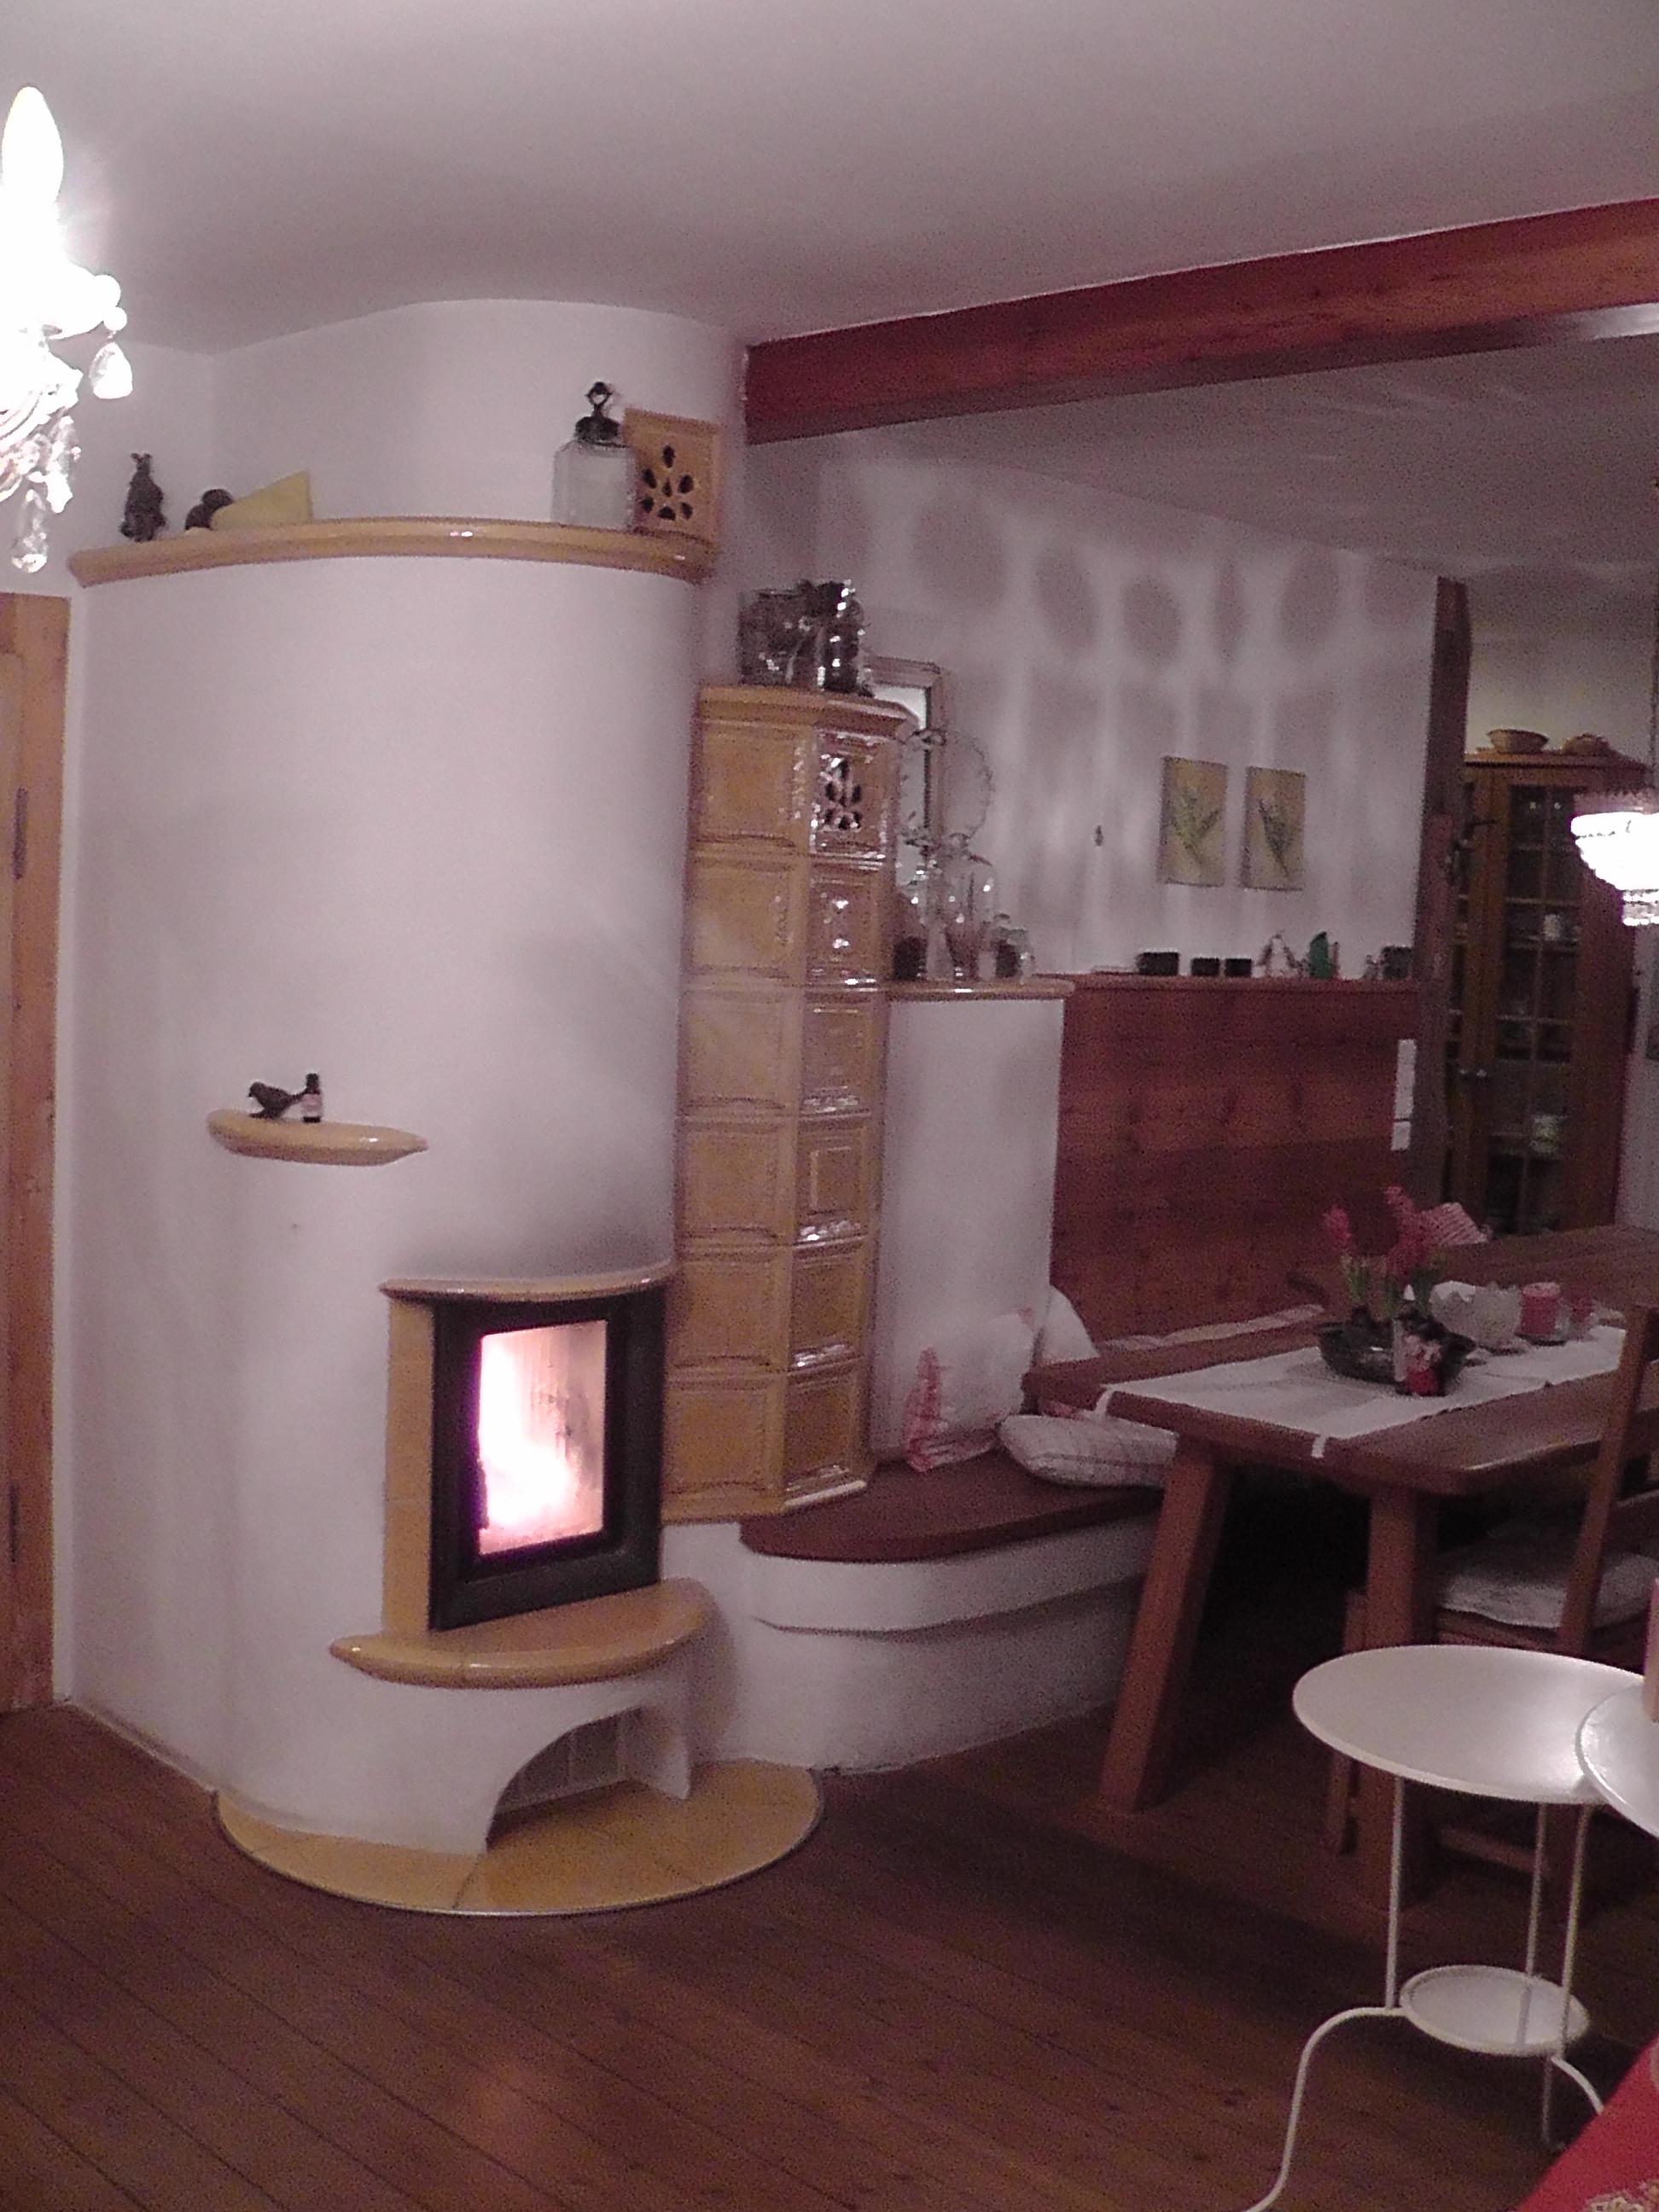 Wegen mangelnder Wasserleistung, Ofen-Umbau auf zuschaltbares Heizwasser (HKD 4 w mit Durchheiztür,  Aufsatzkessel und EOS), in bestehendem Ofenmantel; Jetzt sehr zufriedene Kunden; 2009